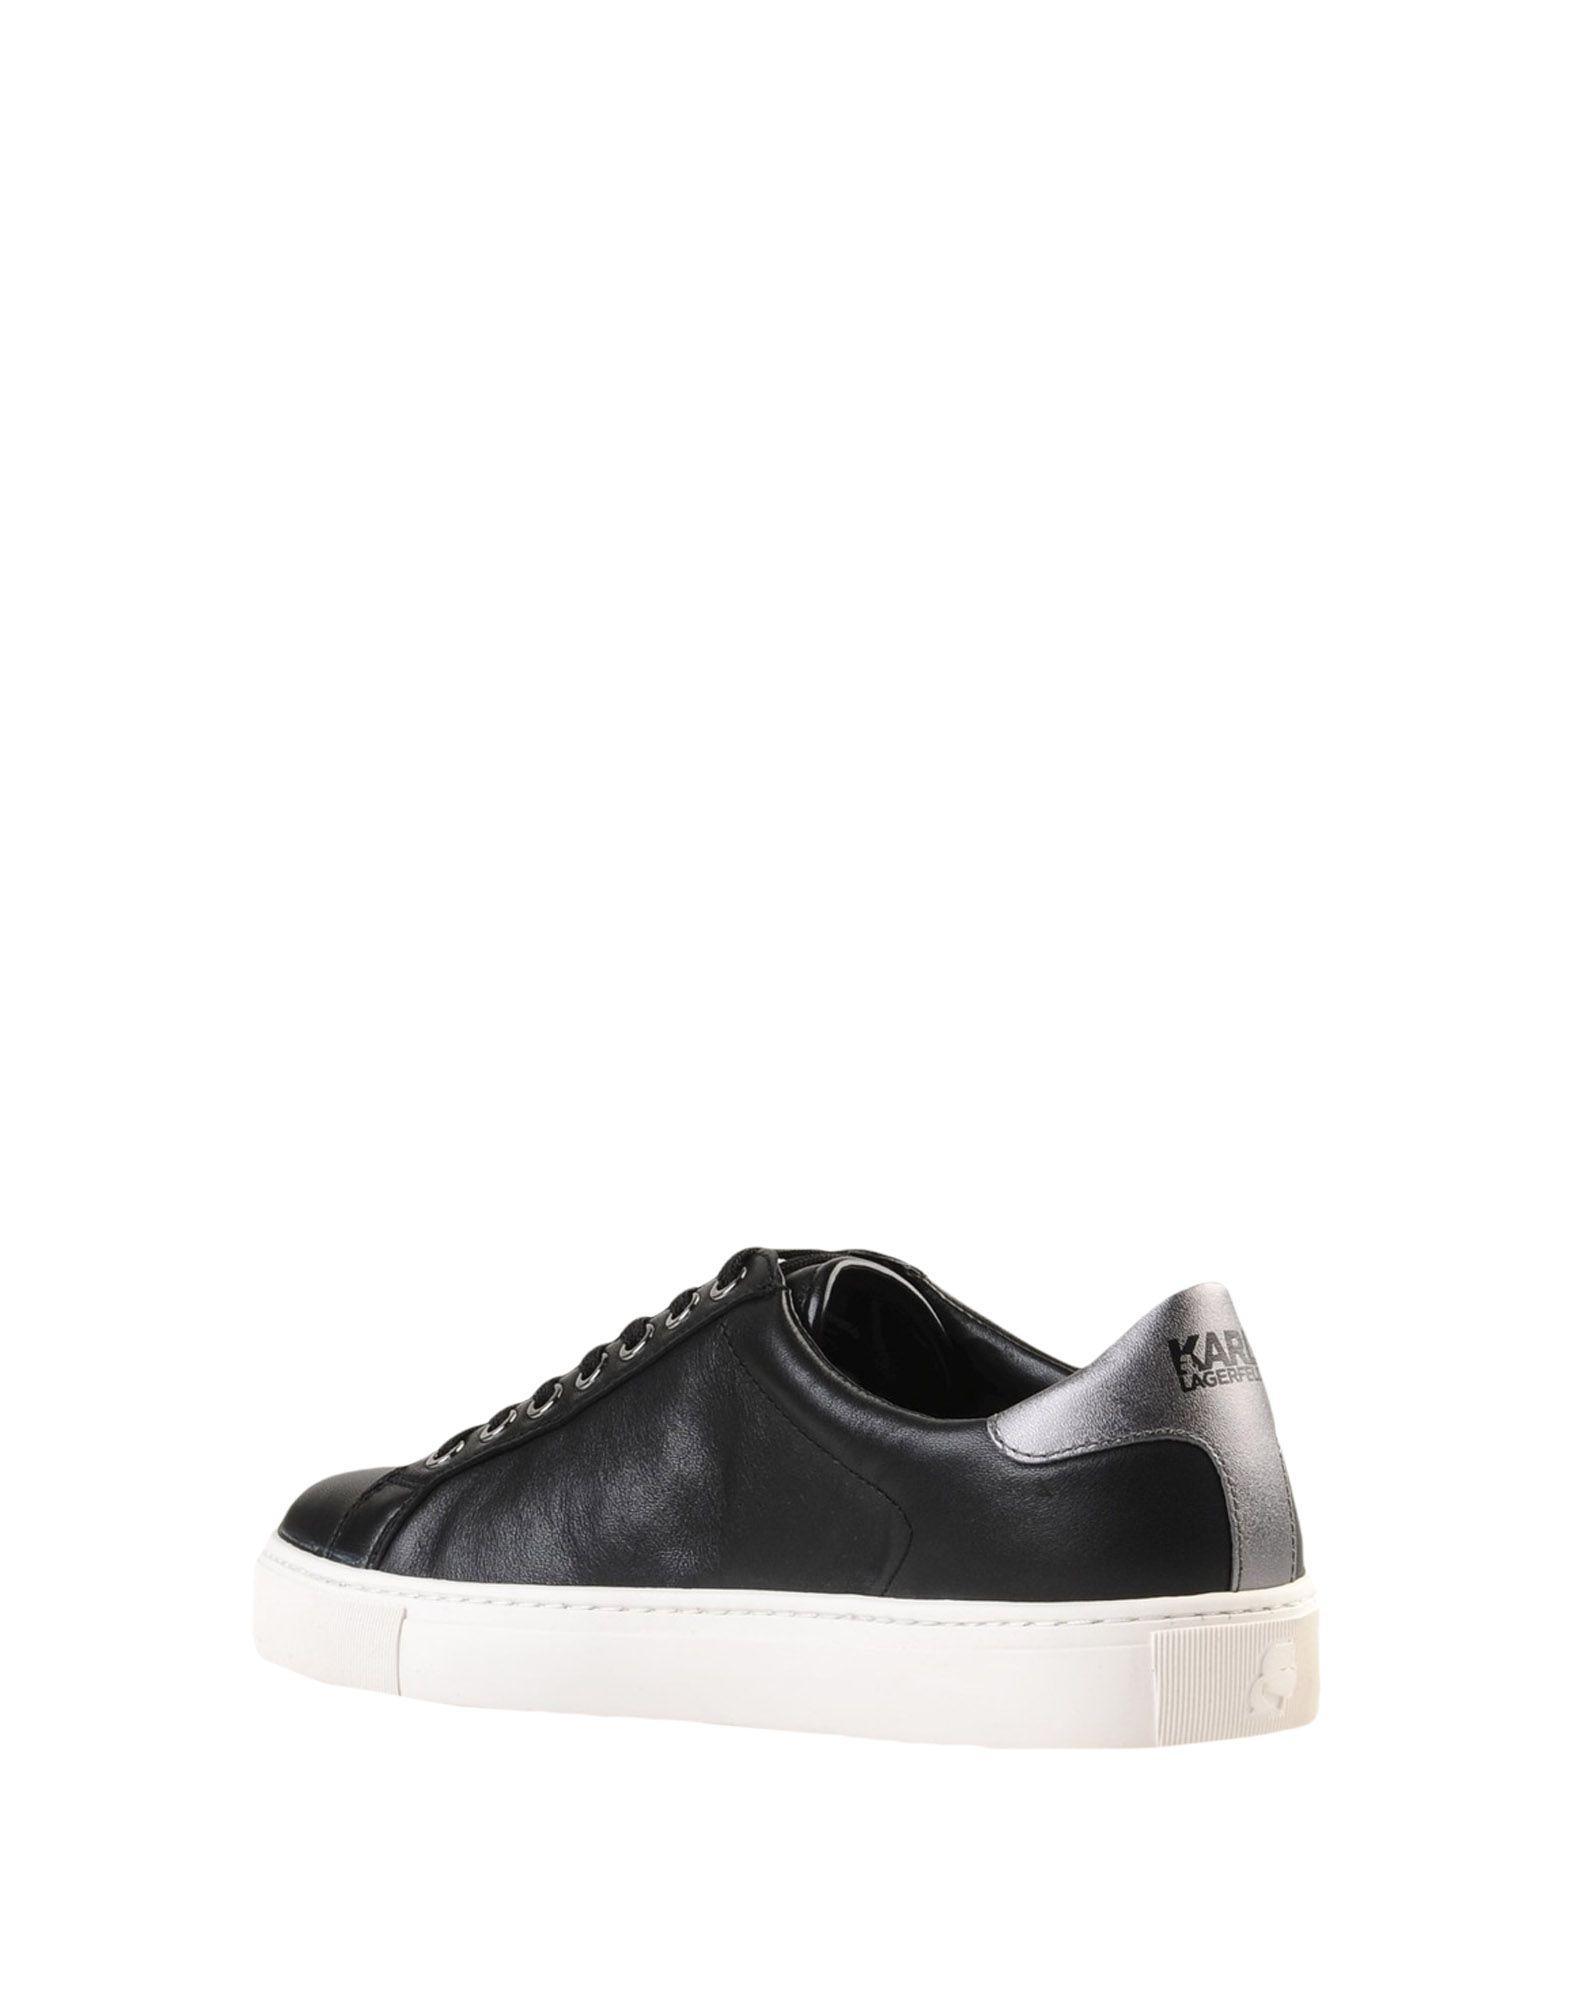 Sneakers & Deportivas Karl Lagerfeld de Caucho de color Negro: ahorra un 23 %